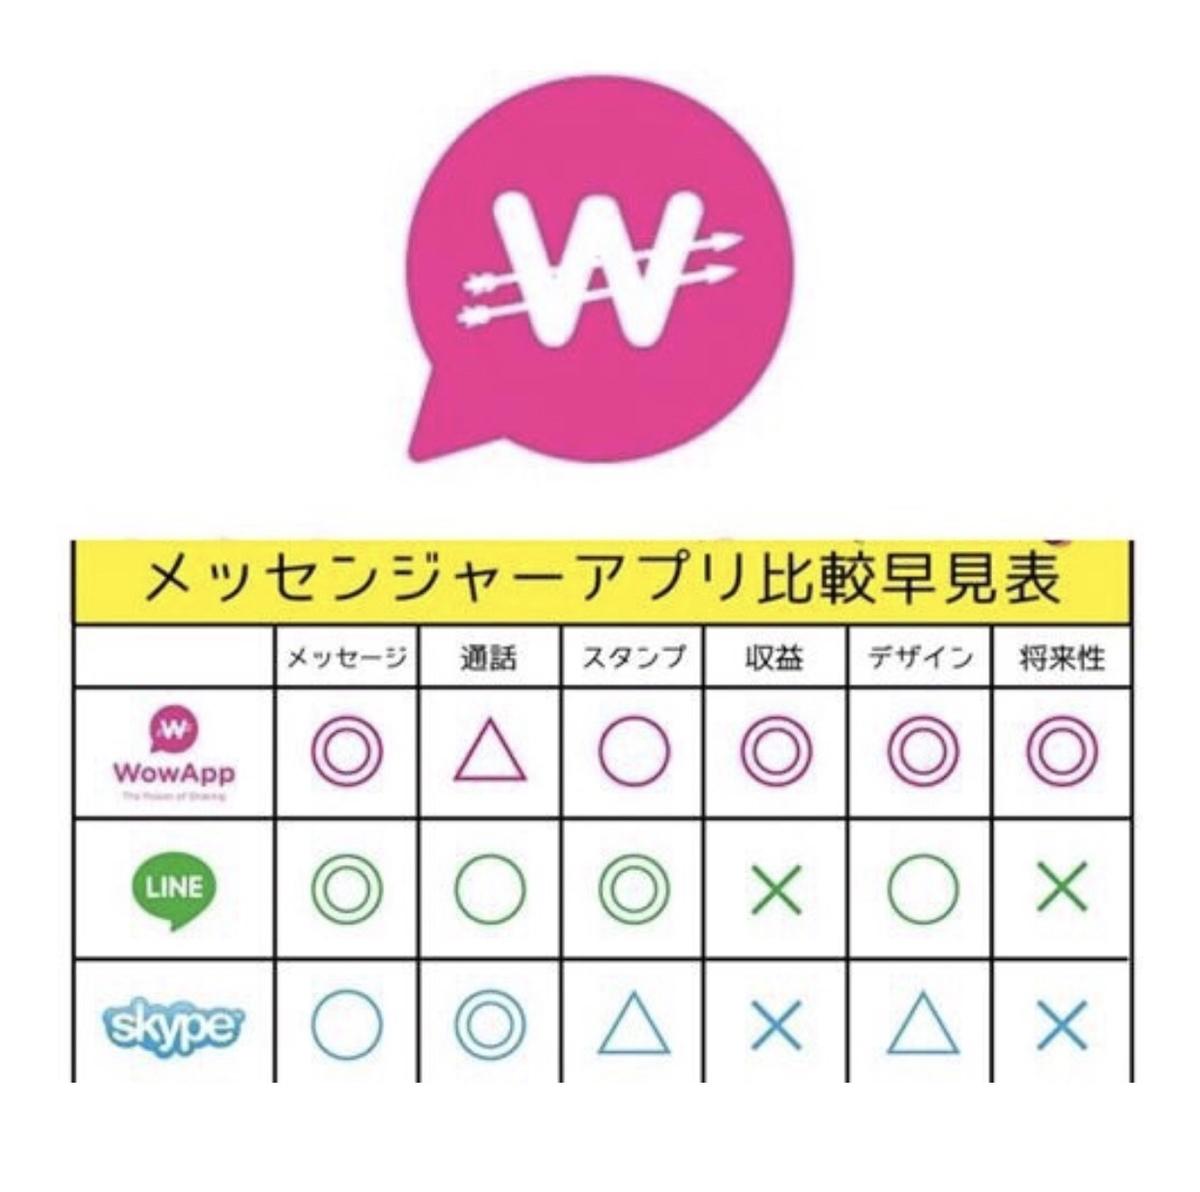 f:id:kaoruikeda:20200508031649j:plain